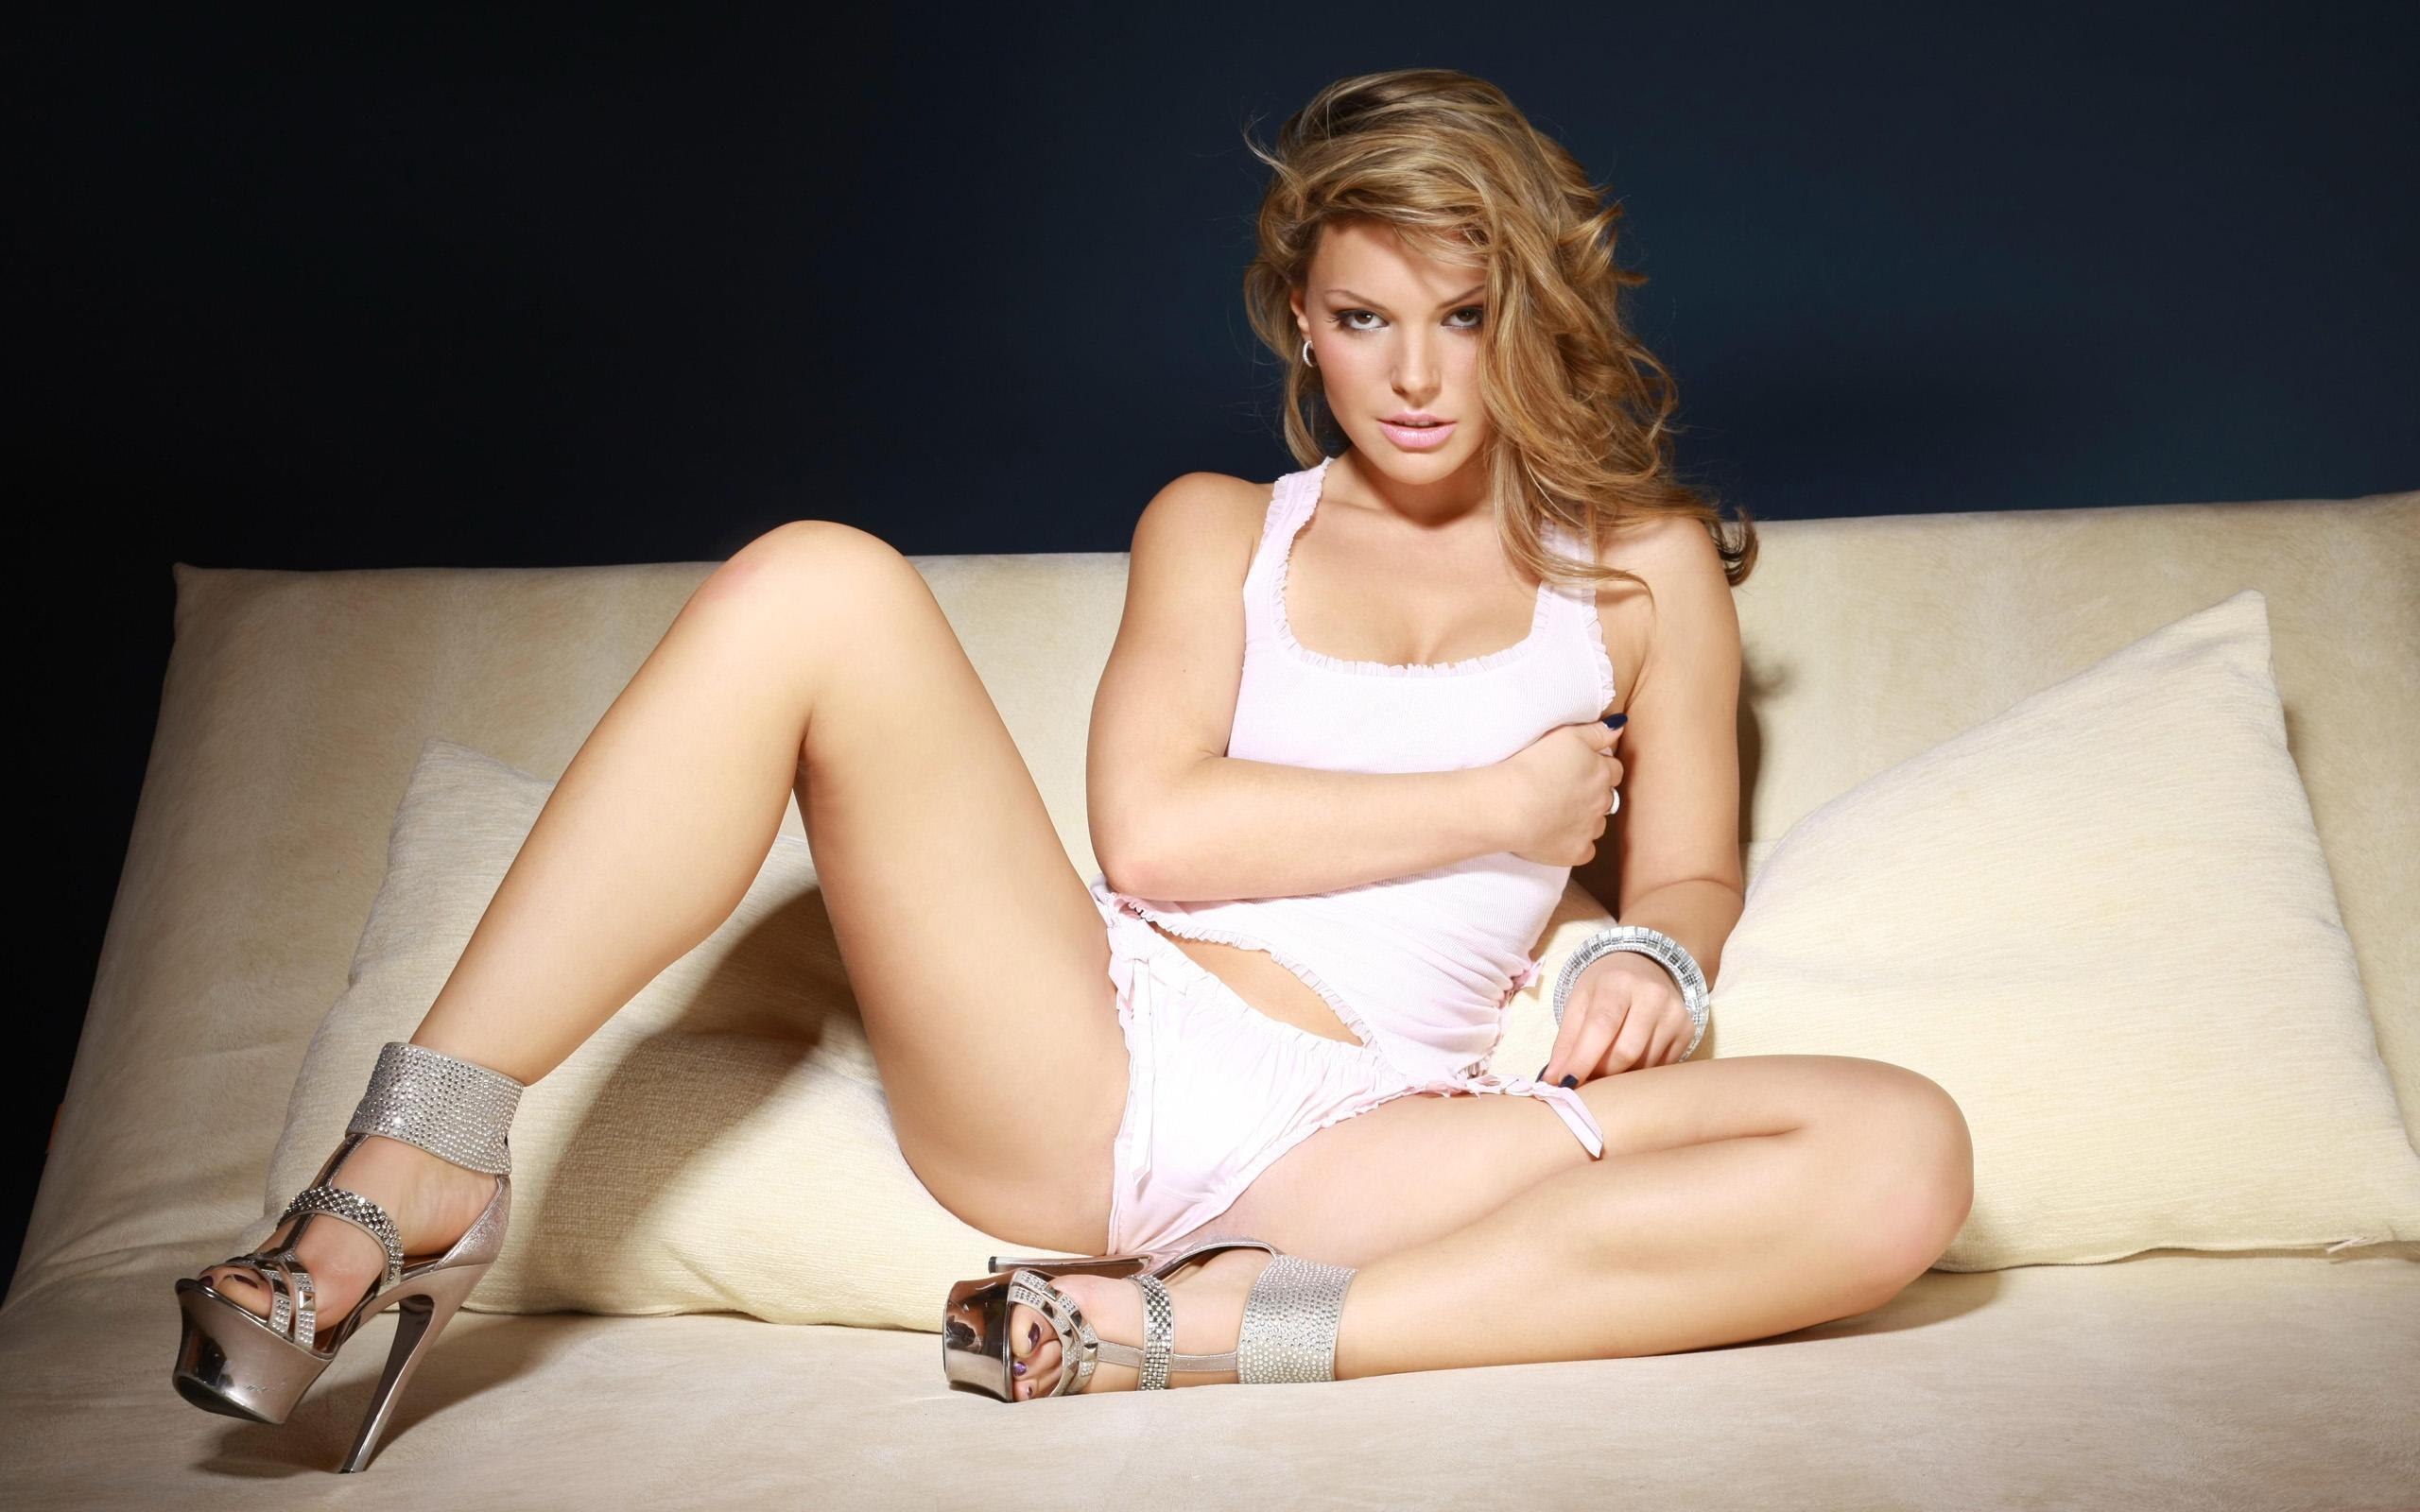 Эро фото звезды раздвигают ноги, бомж трахает проститутку онлайн